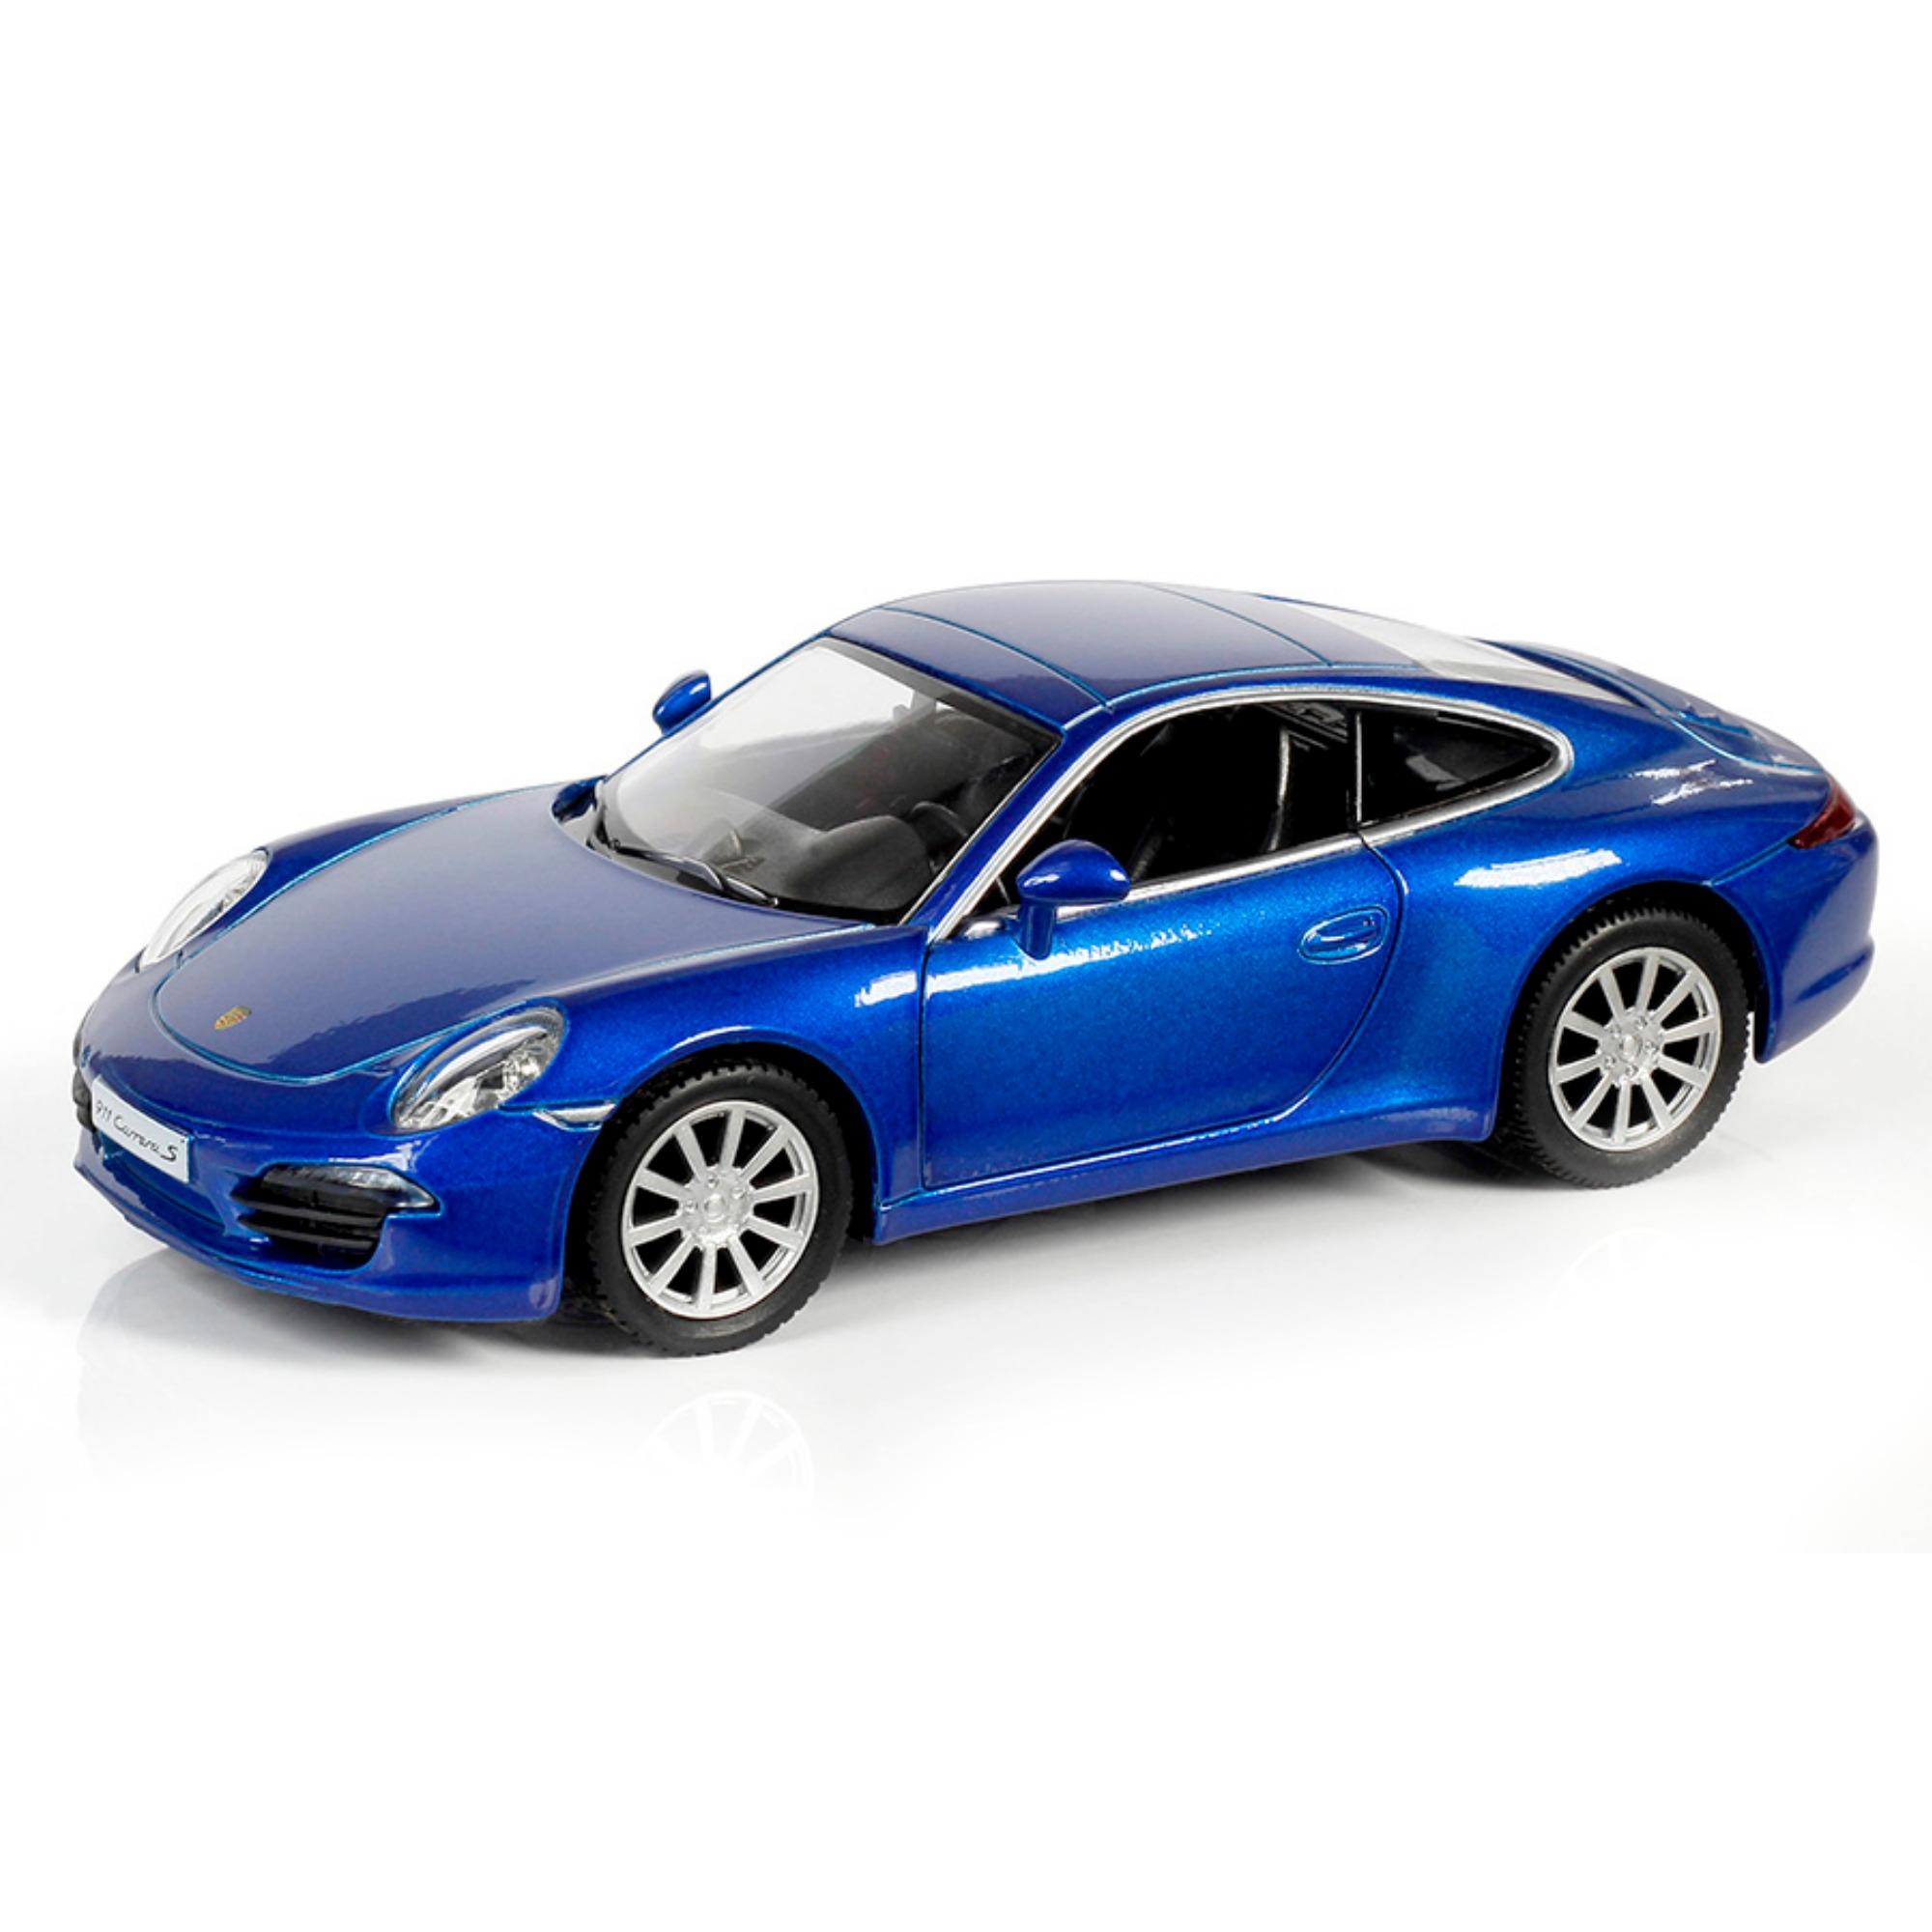 Металлическая инерционная машина RMZ City - Porsche 911 Carrera S, 1:32, синий металликPorsche<br>Металлическая инерционная машина RMZ City - Porsche 911 Carrera S, 1:32, синий металлик<br>